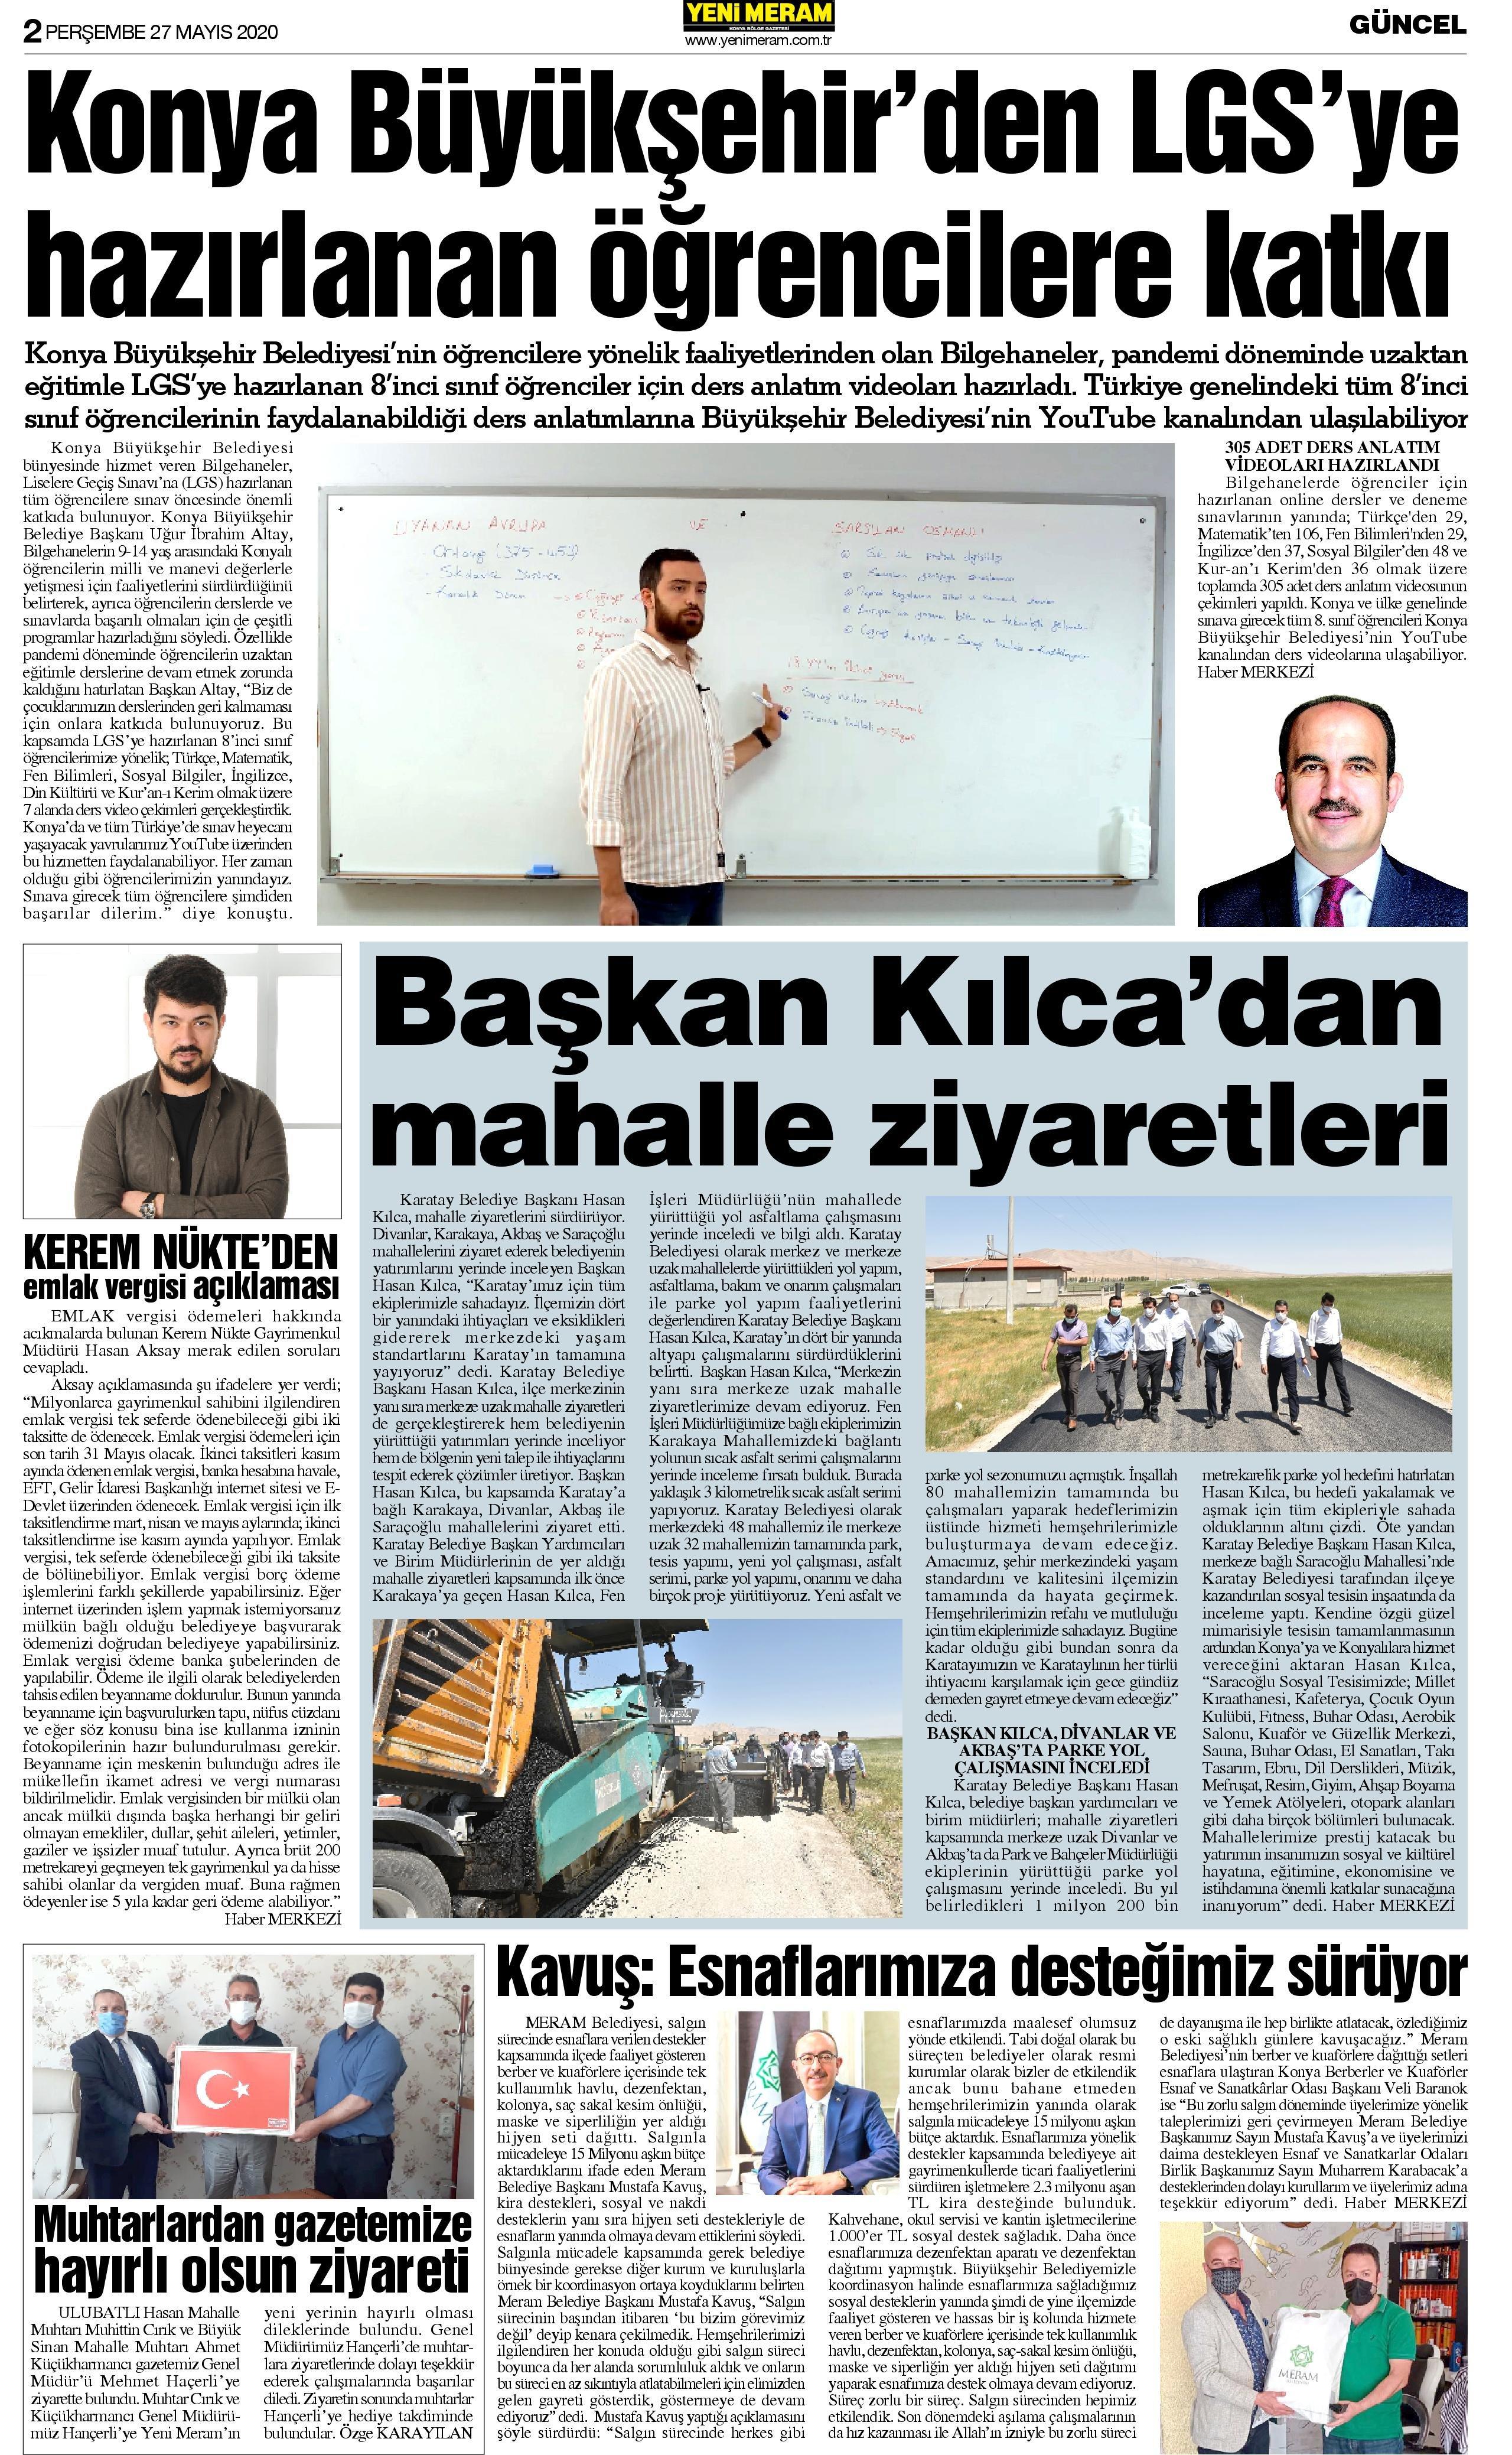 27 Mayıs 2021 Yeni Meram Gazetesi